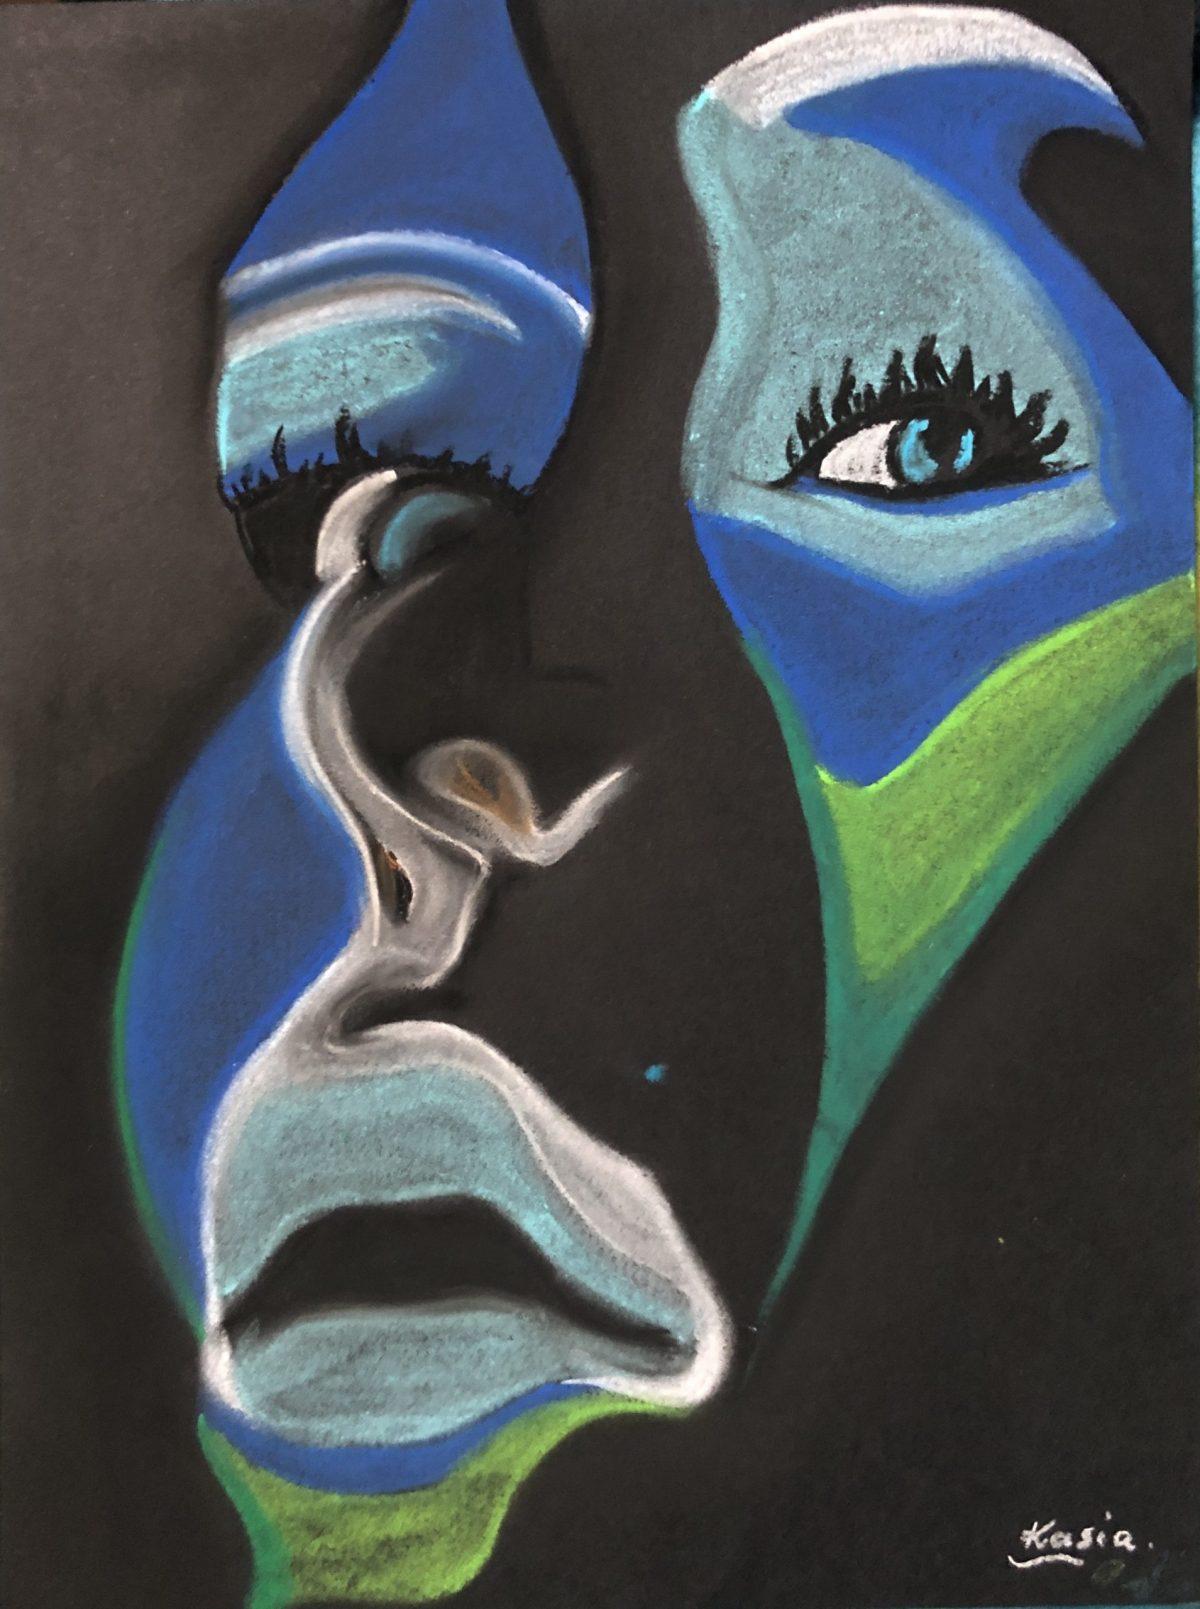 sur le fond noir est un dessin pastel fd'un visage abstrait dessiné par Katzryna Boduch, signé Kasia